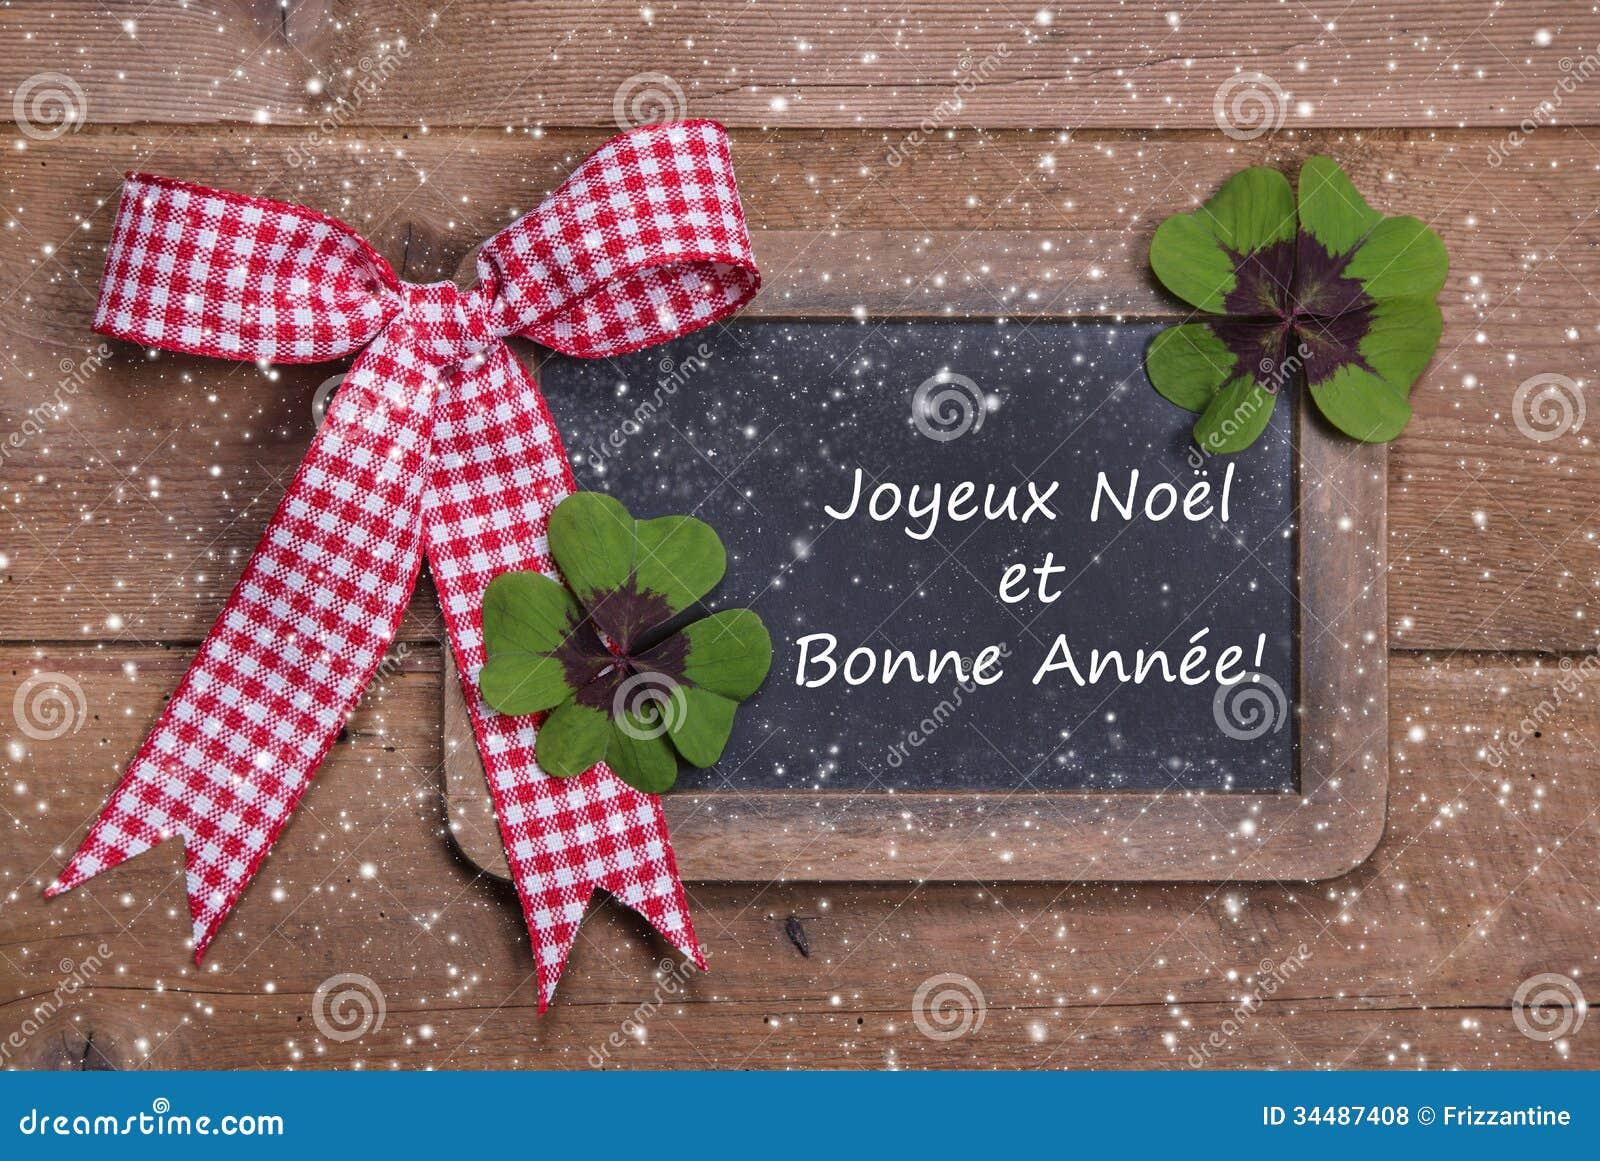 Natal E Ano Novo Feliz Em Palavras Francesas Fotos de Stock Royalty  #B01B39 1300 960